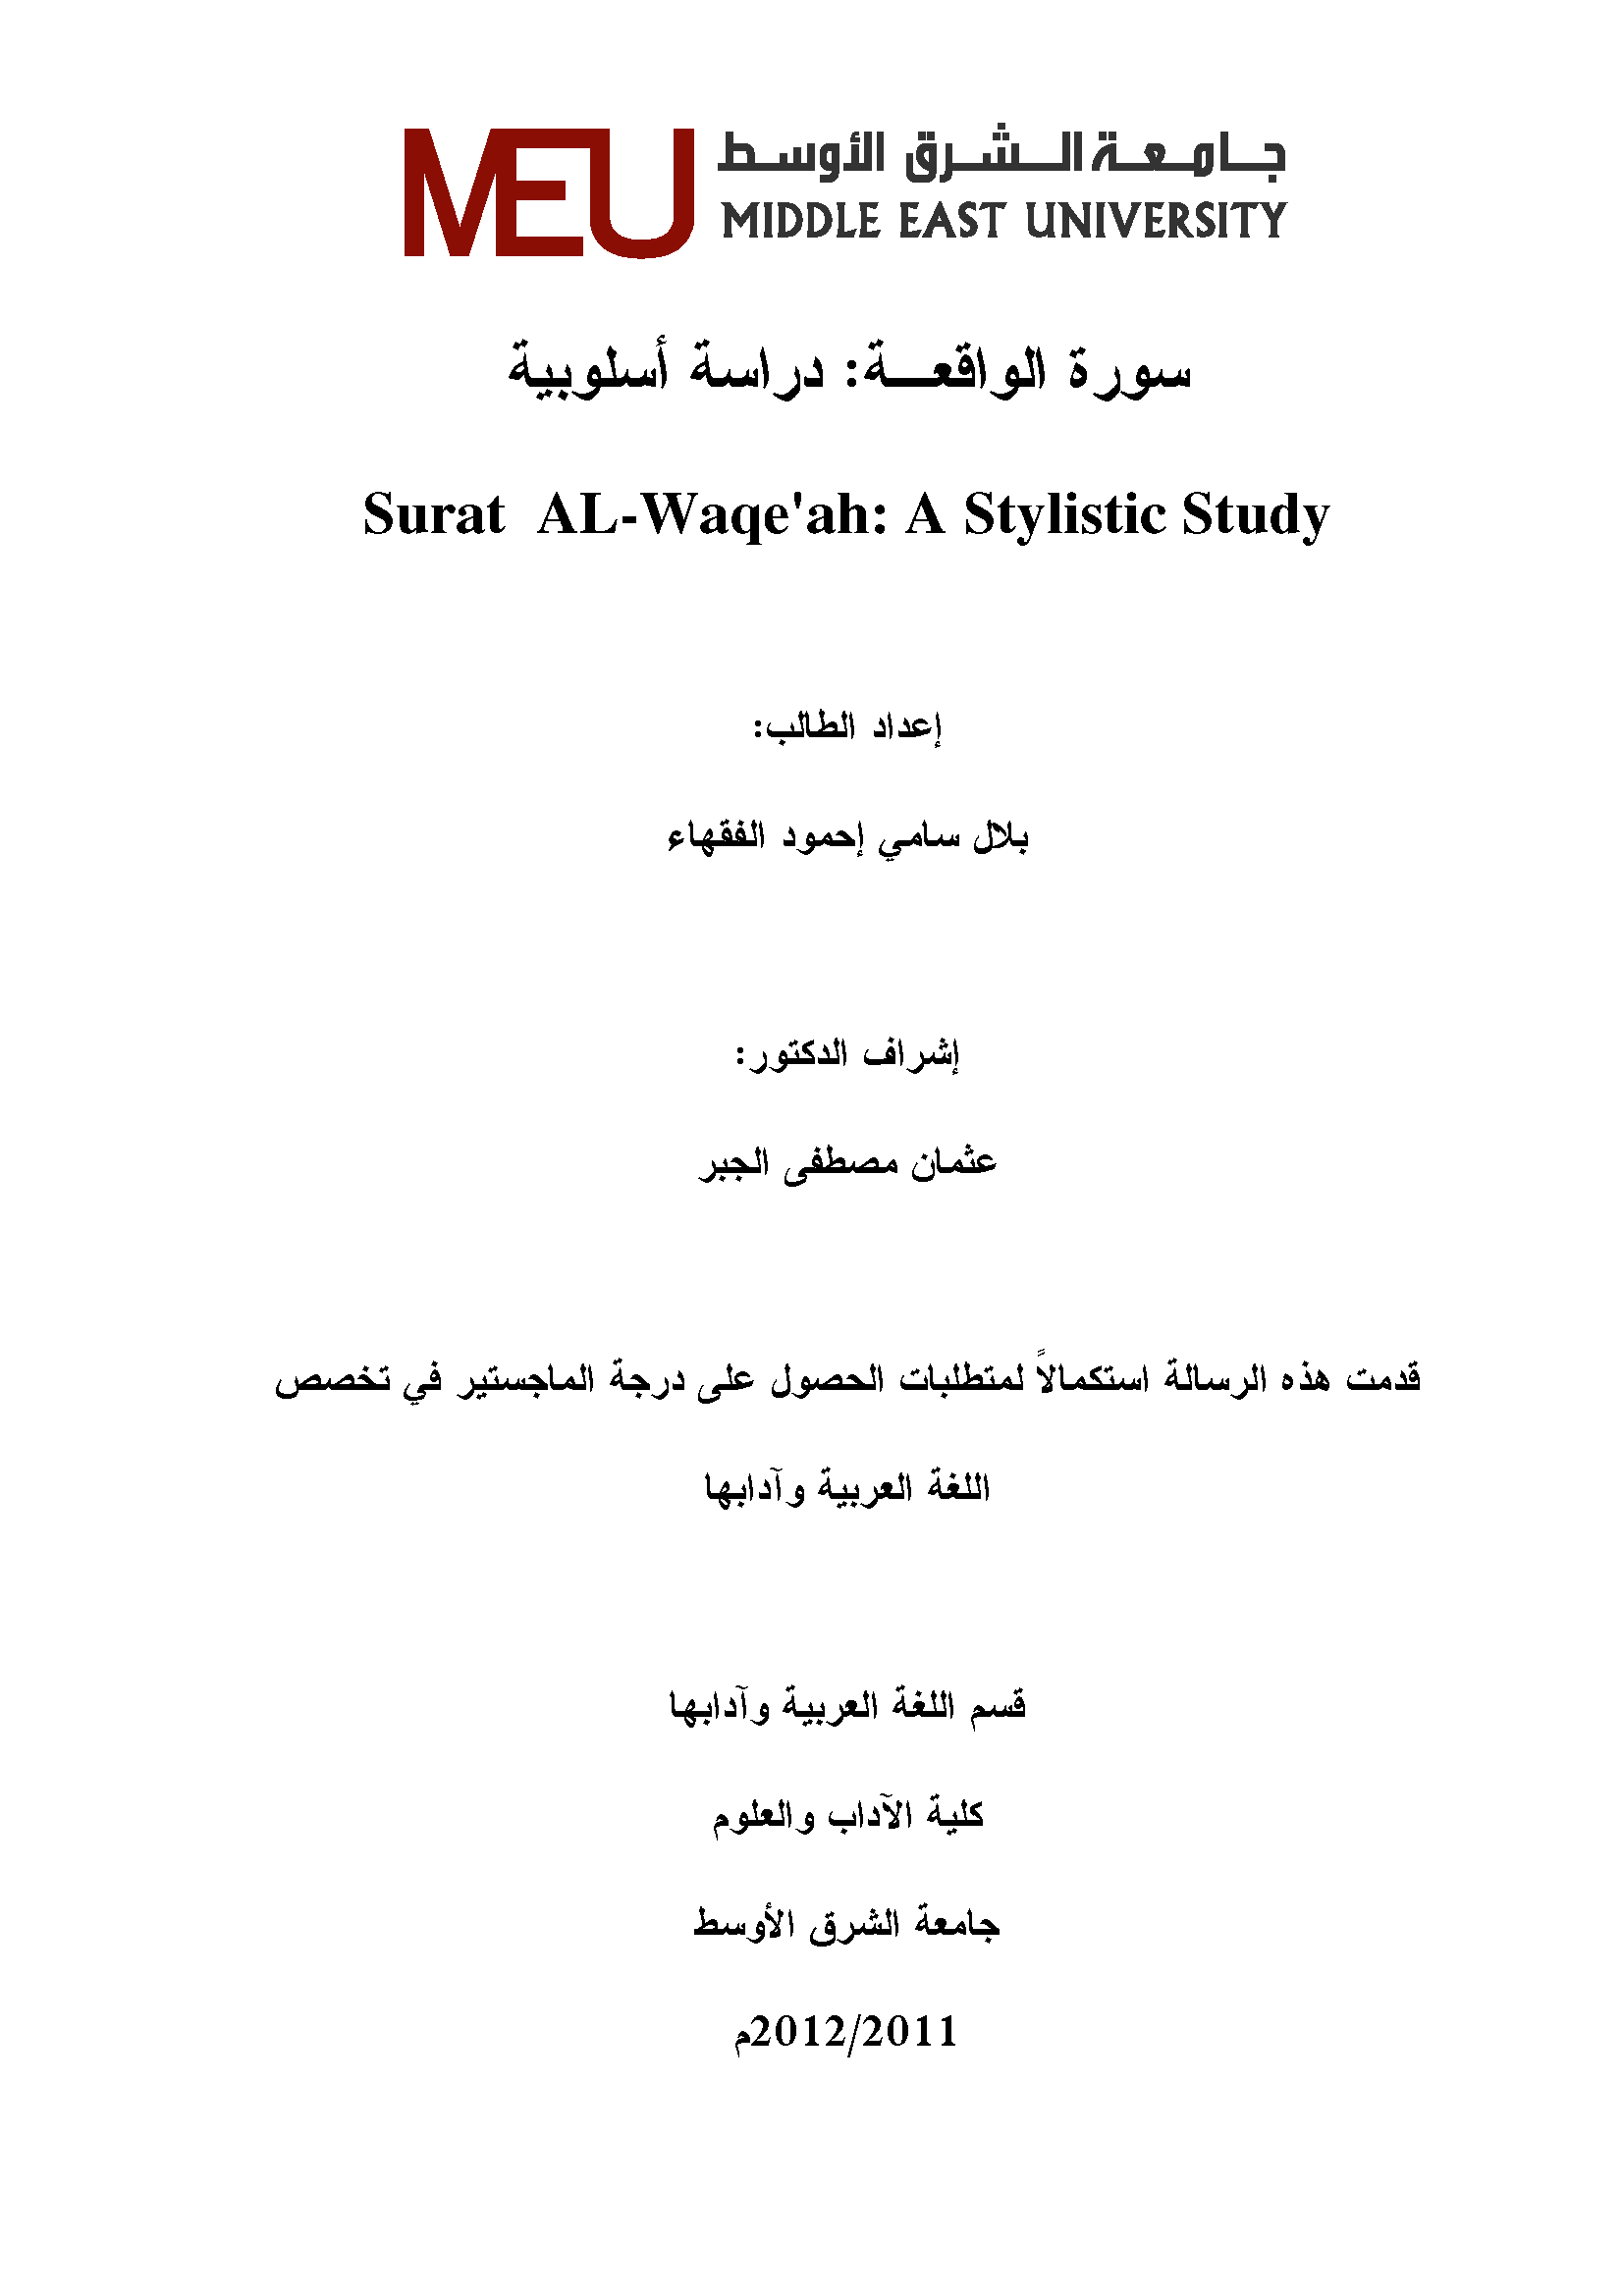 تحميل كتاب سورة الواقعة: دراسة أسلوبية لـِ: بلال سامي إحمود الفقهاء